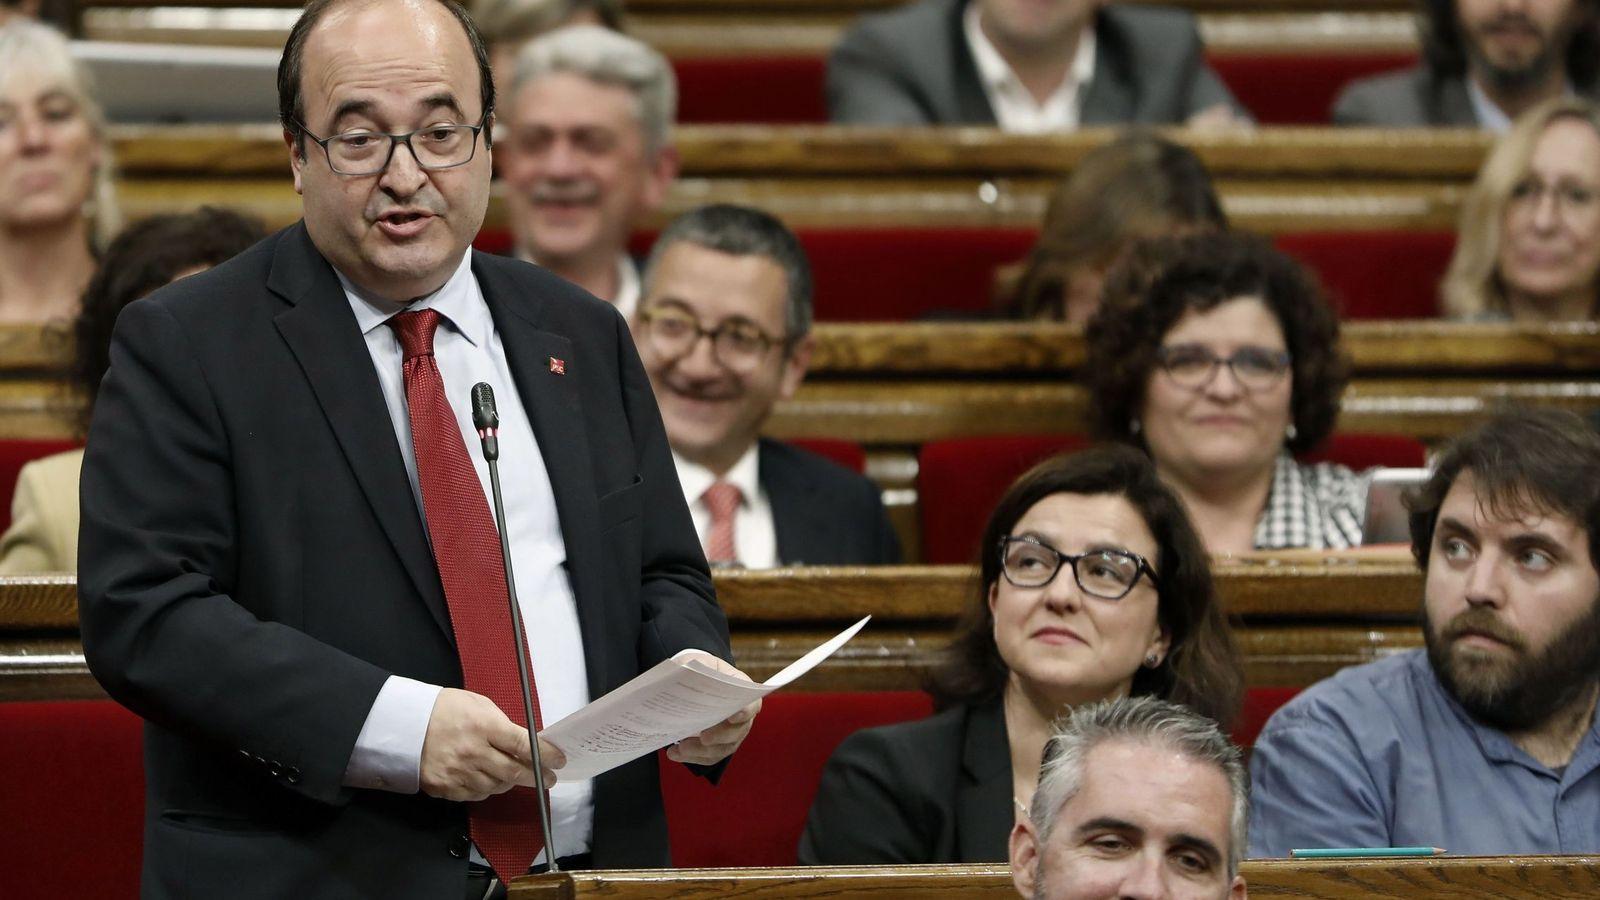 [GOVERN] Ratificació del cessament de Daniel de Alfonso com a Director de l'Oficina Antifrau de Catalunya Primera-bofetada-del-independentismo-a-pedro-sanchez-iceta-no-presidira-el-senado